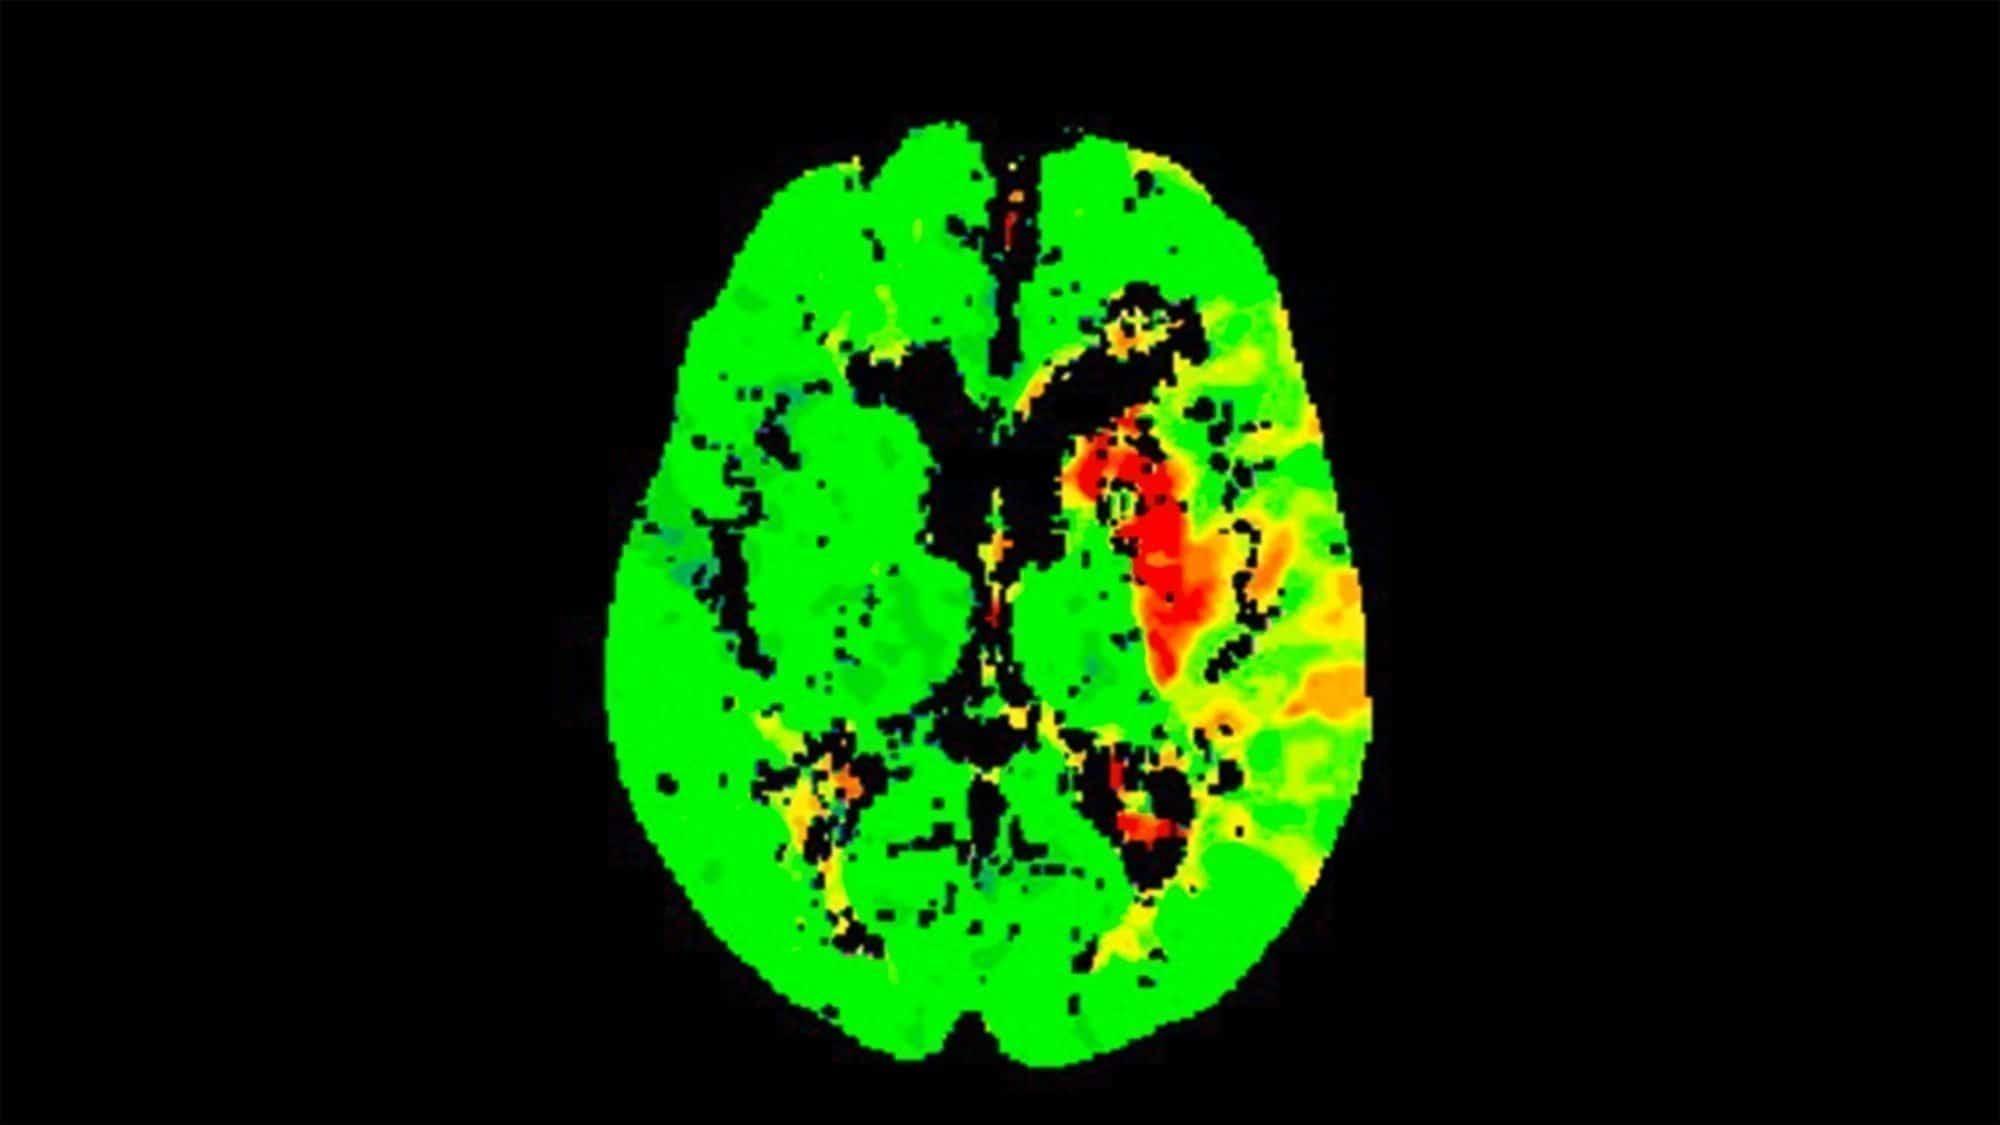 CT von einem Gehirn kurz nach einem Schlaganfall